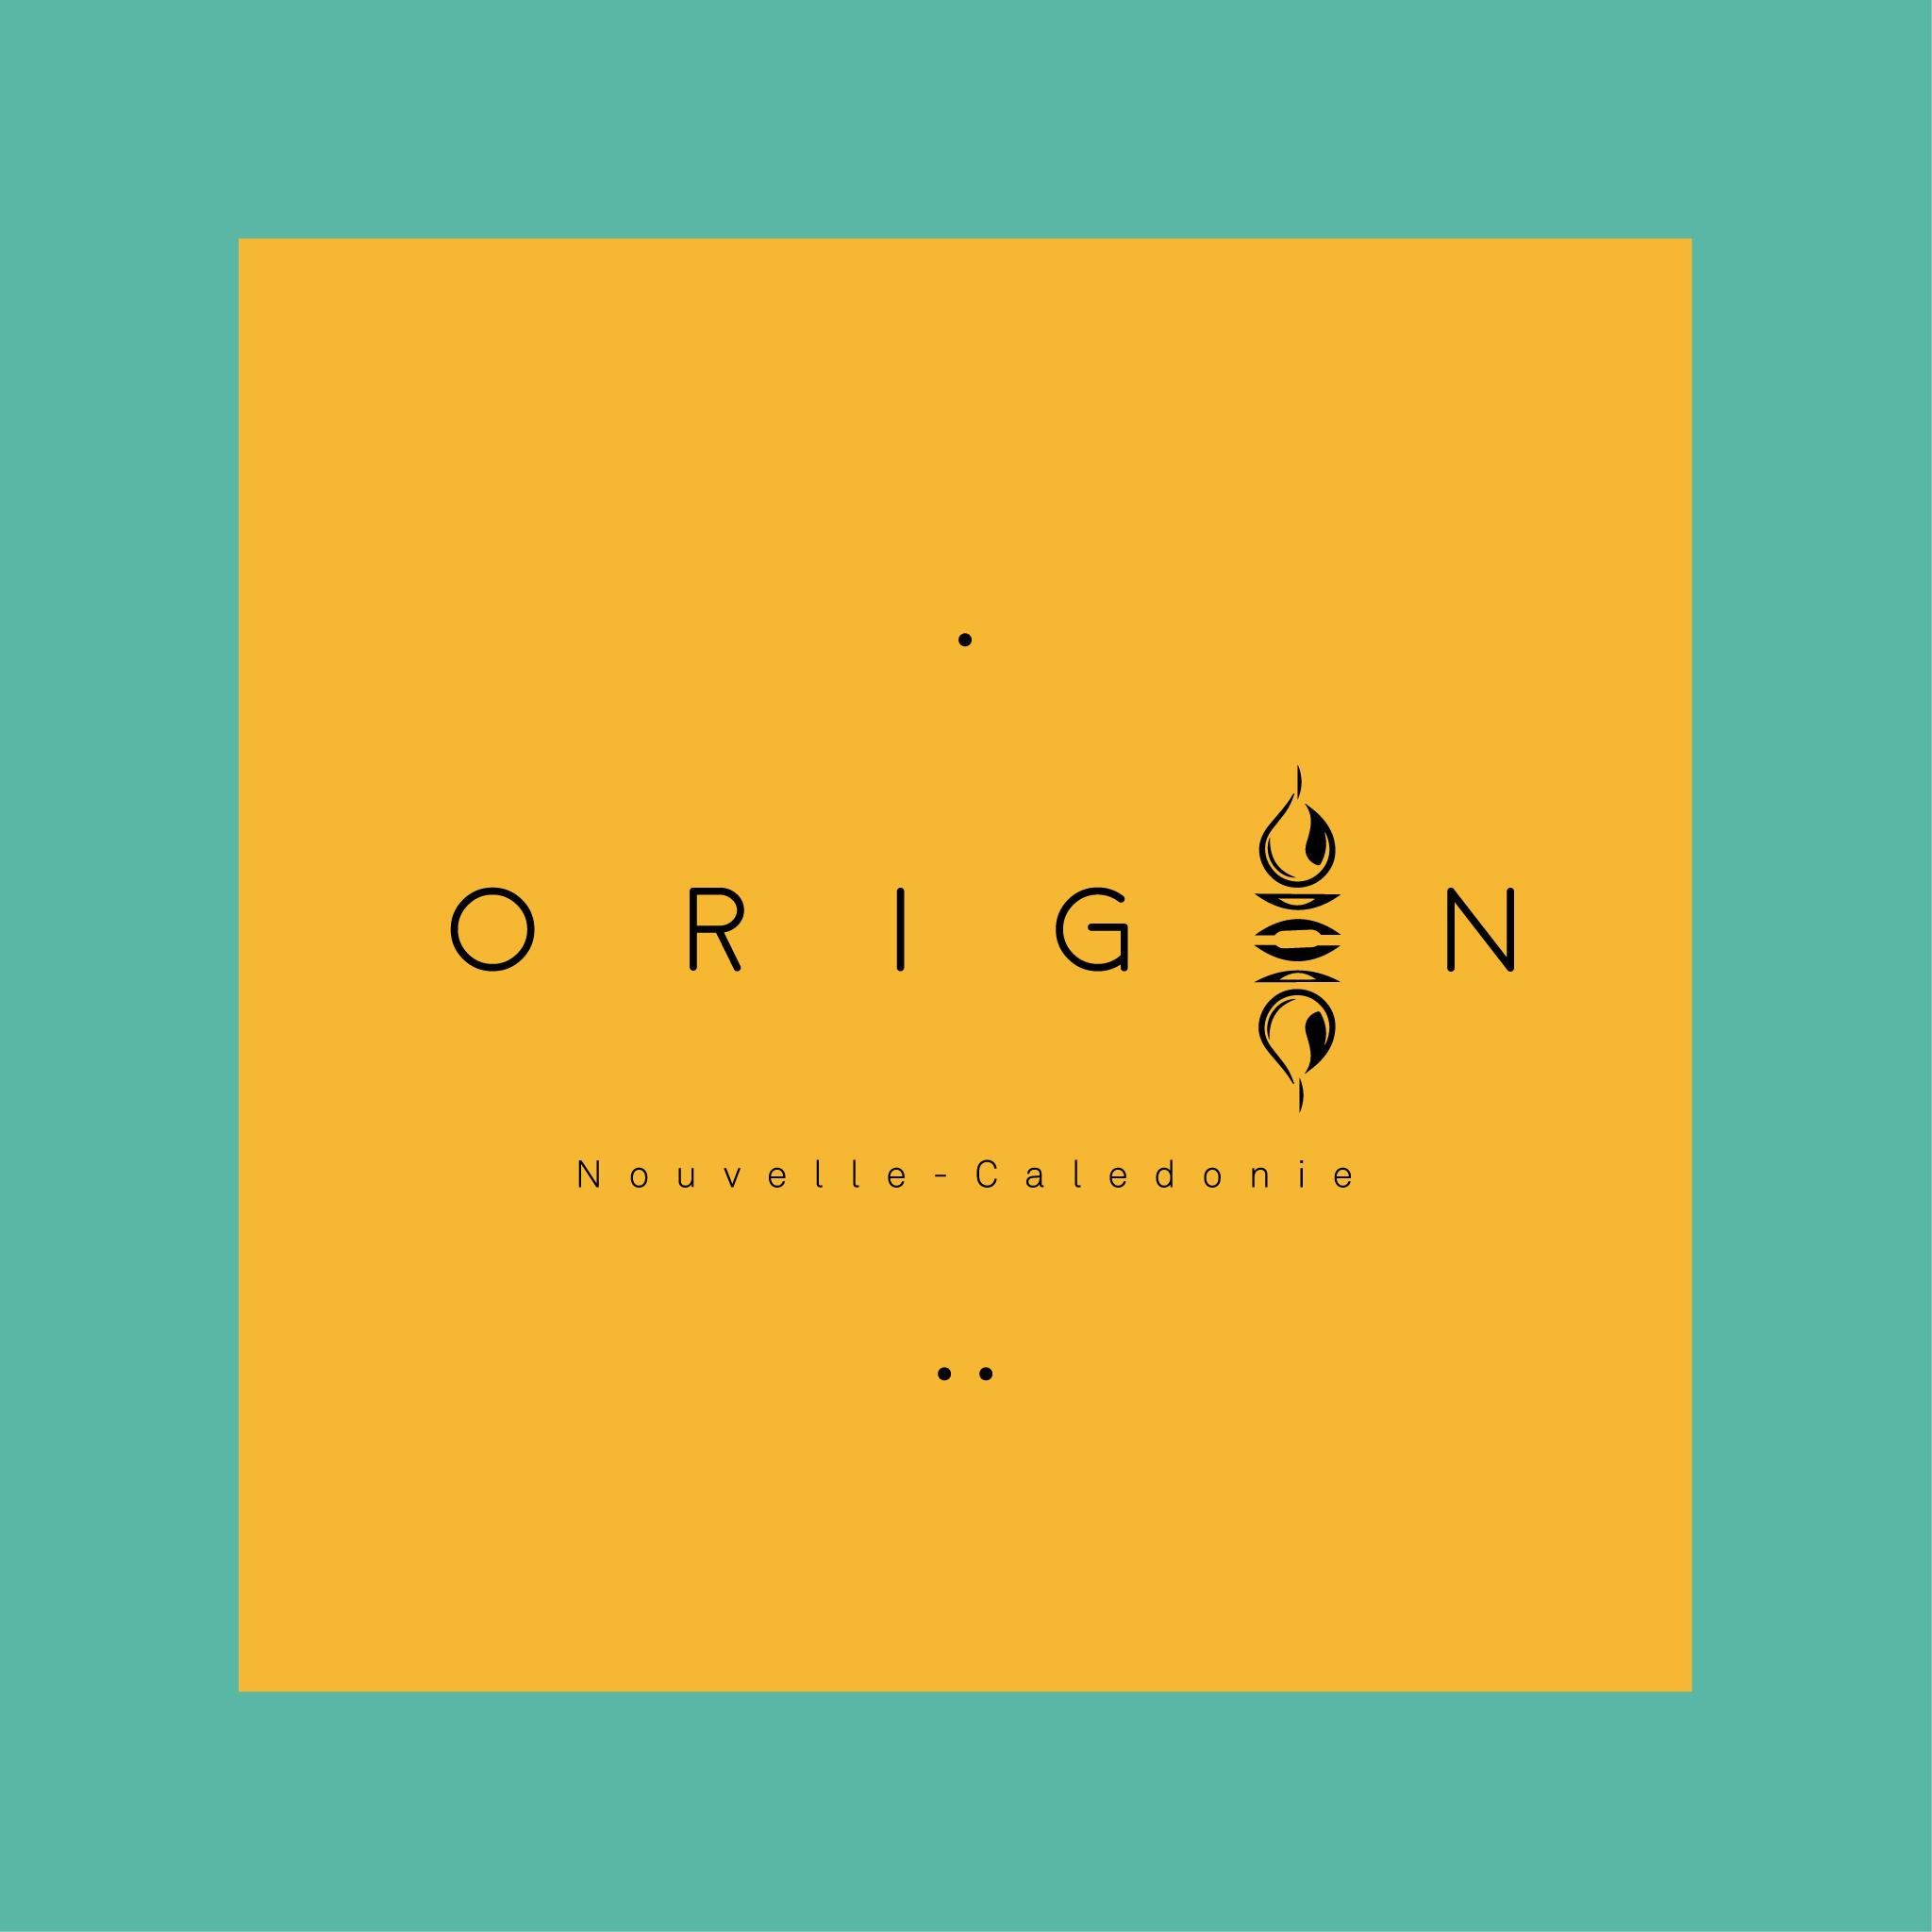 LOGO-ORIGIN-LWAS